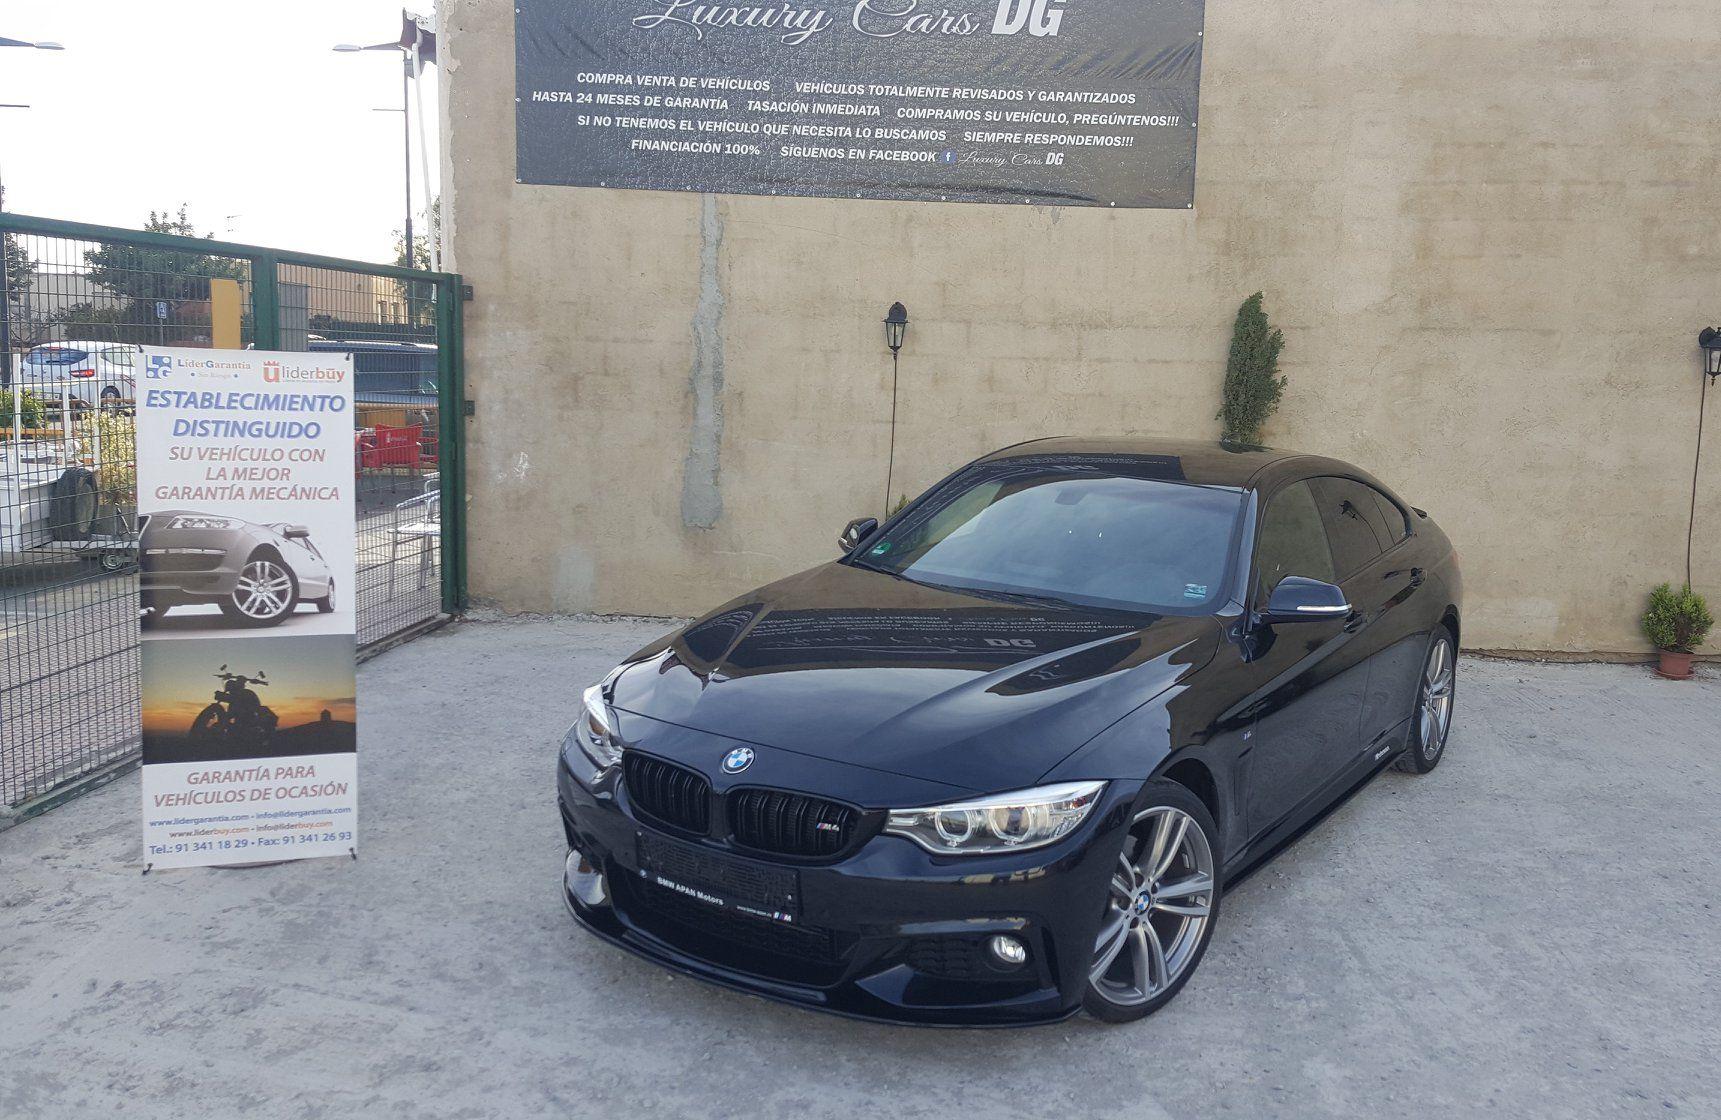 Foto 18 de Compraventa de automóviles en Vera | Luxury Cars DG